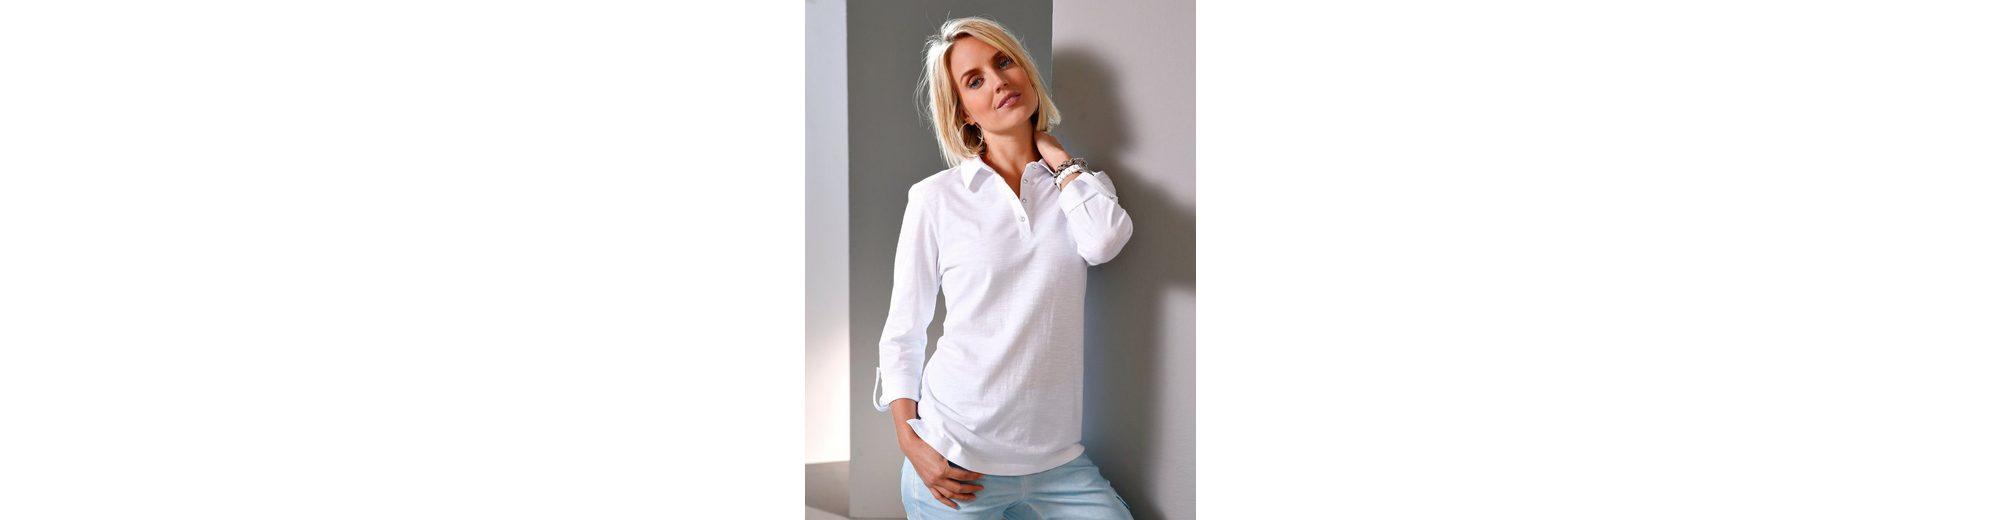 Paola Poloshirt mit Strassknöpfen Billig Verkaufen Billig Rabatt Beste Online Gehen Authentisch Verkauf Offizielle Seite Einen Günstigen Online-Verkauf xWKAj